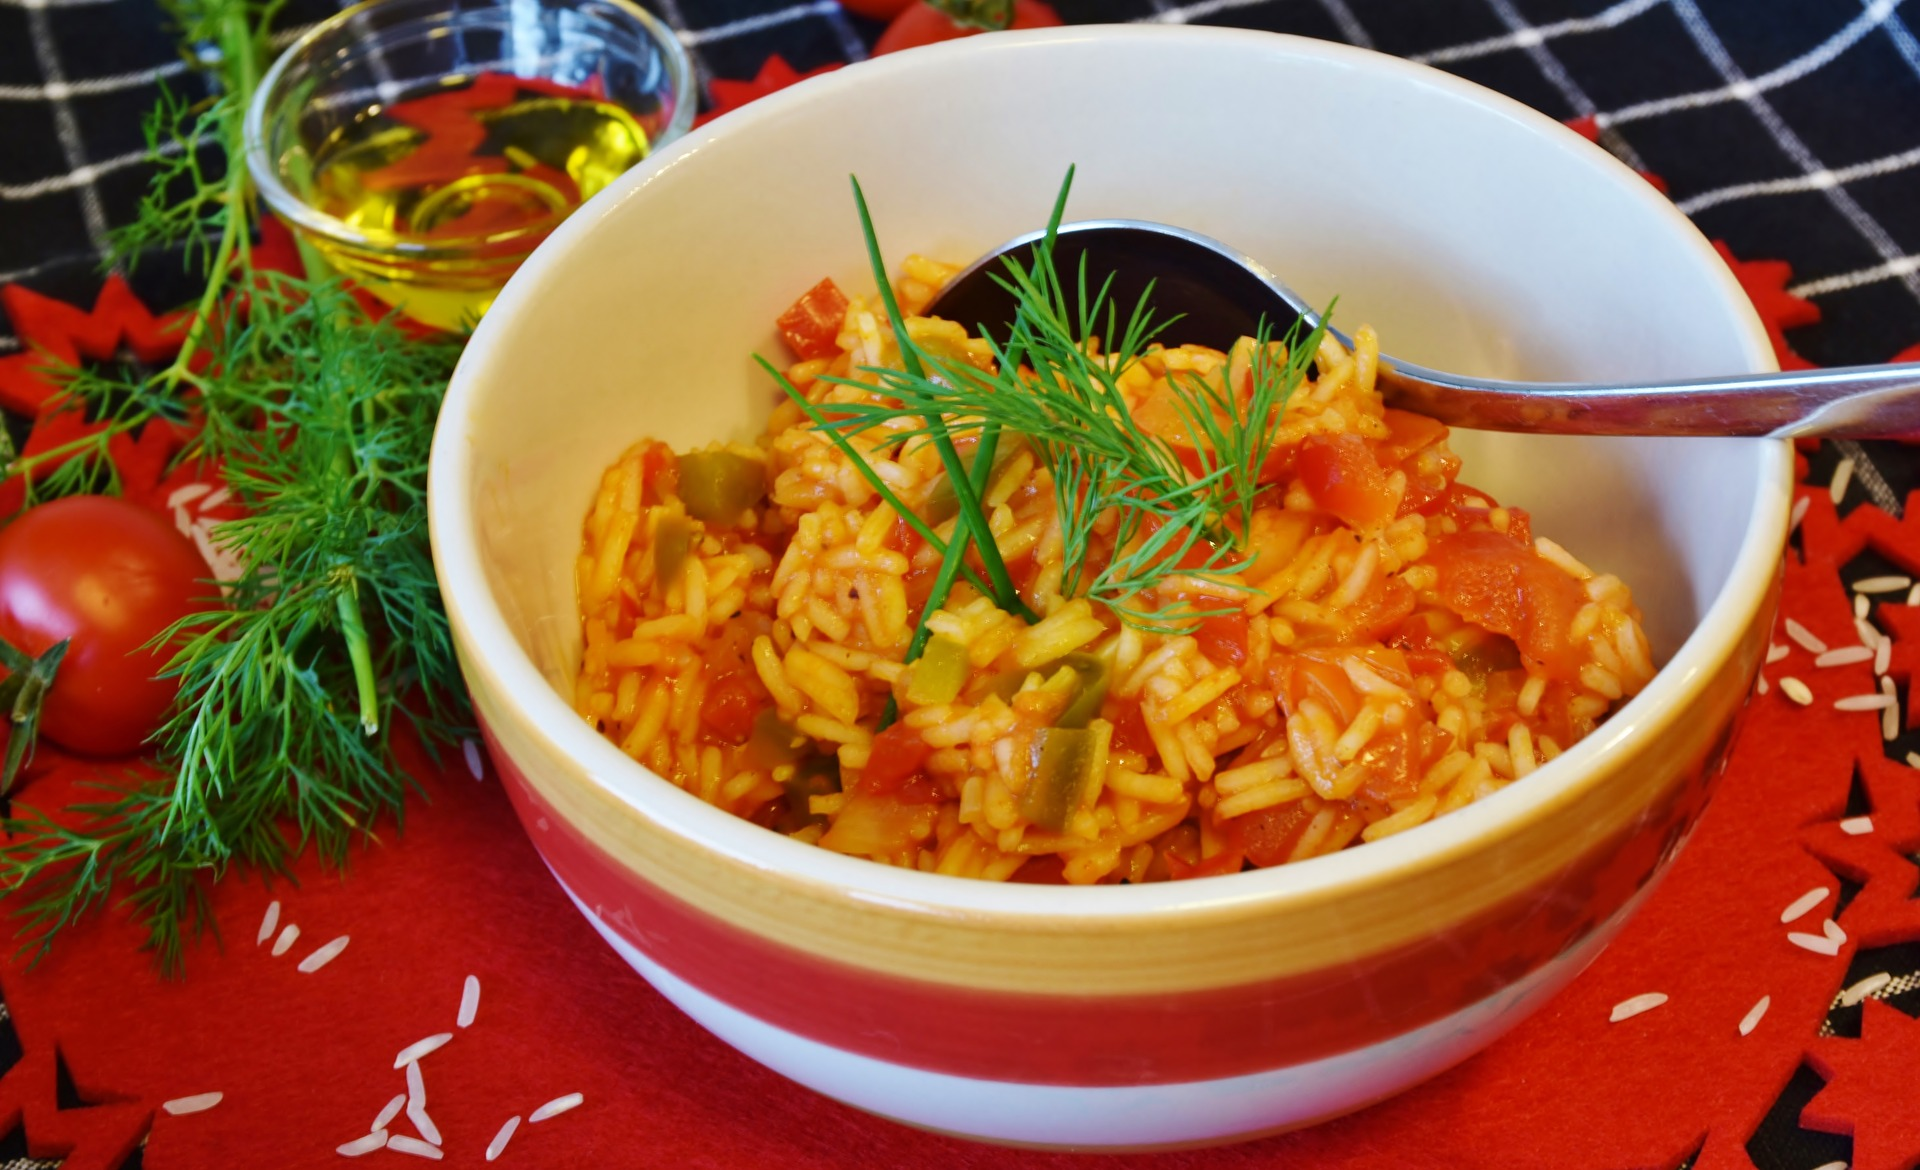 orez cu pui si legume -sfatulparintilor.ro - pixabay-com- rice-3156084_1920